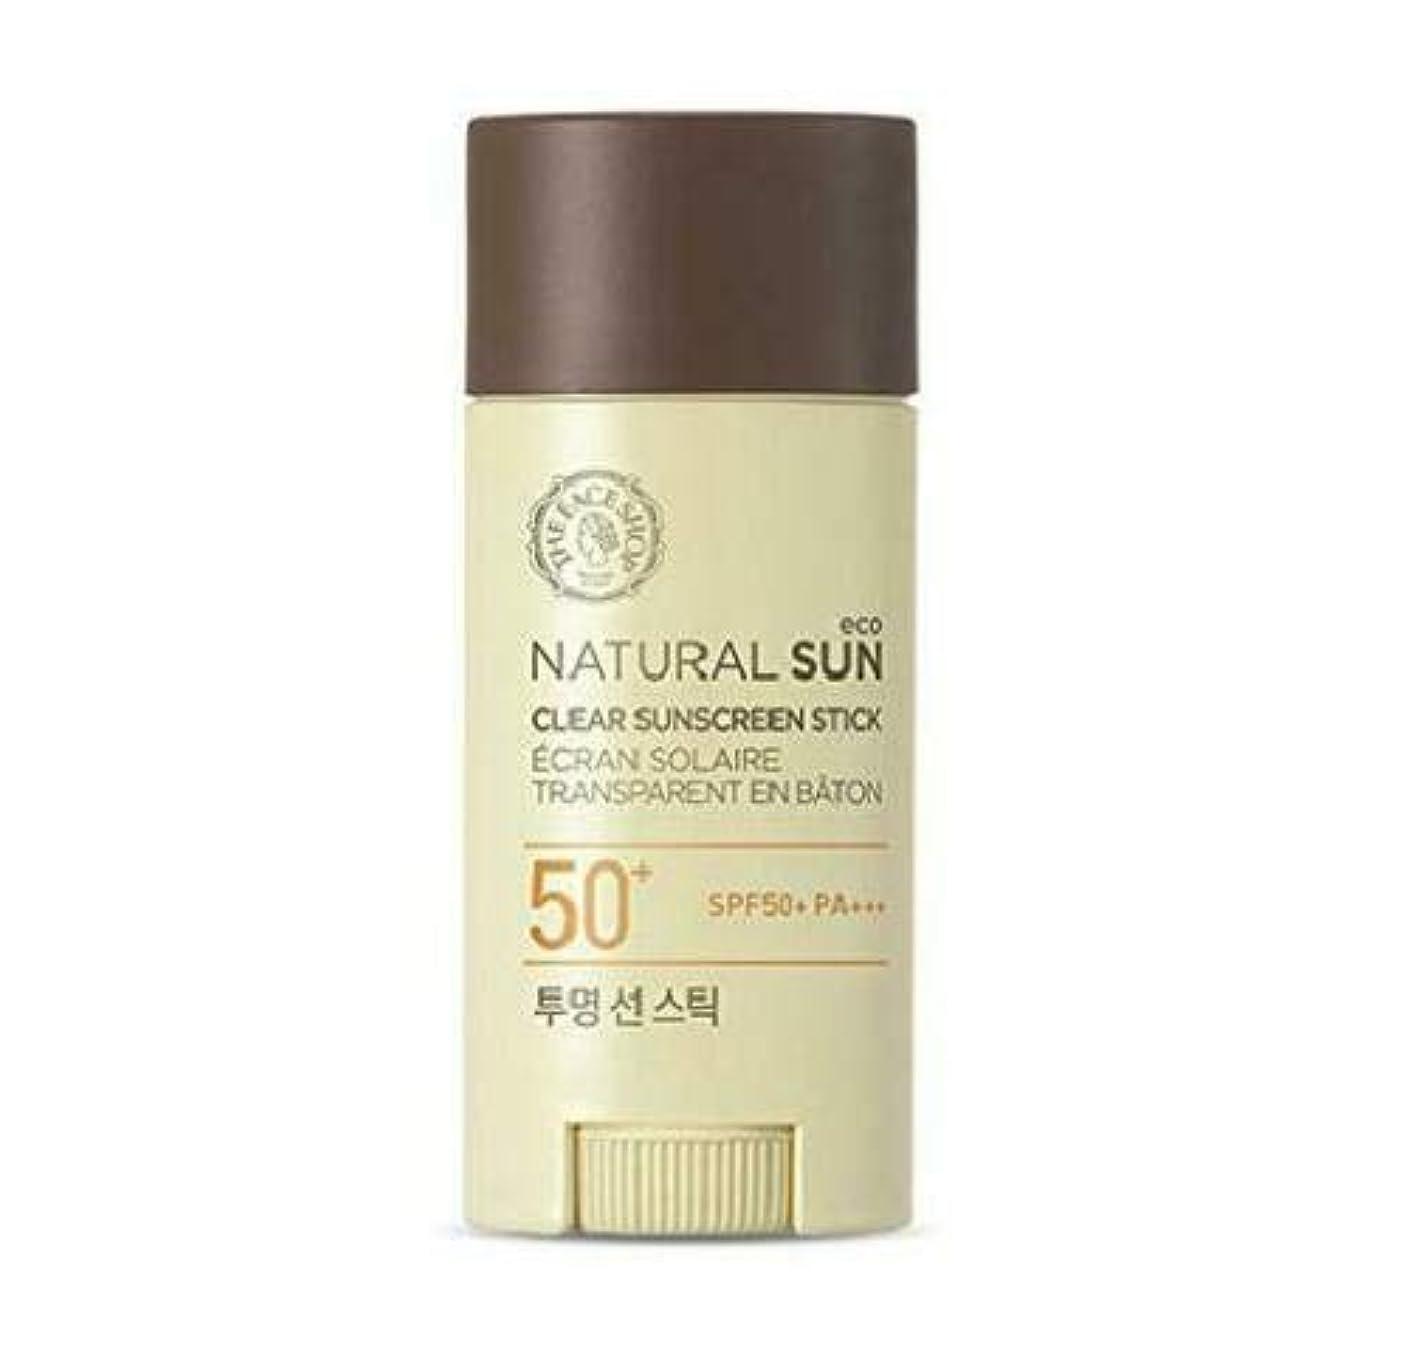 モザイク急いでかわすザフェイスショップ(The Face Shop) Natural Eco Sun Clear Sunscreen Stick サンスティック (13.5g) SPF50+ PA+++